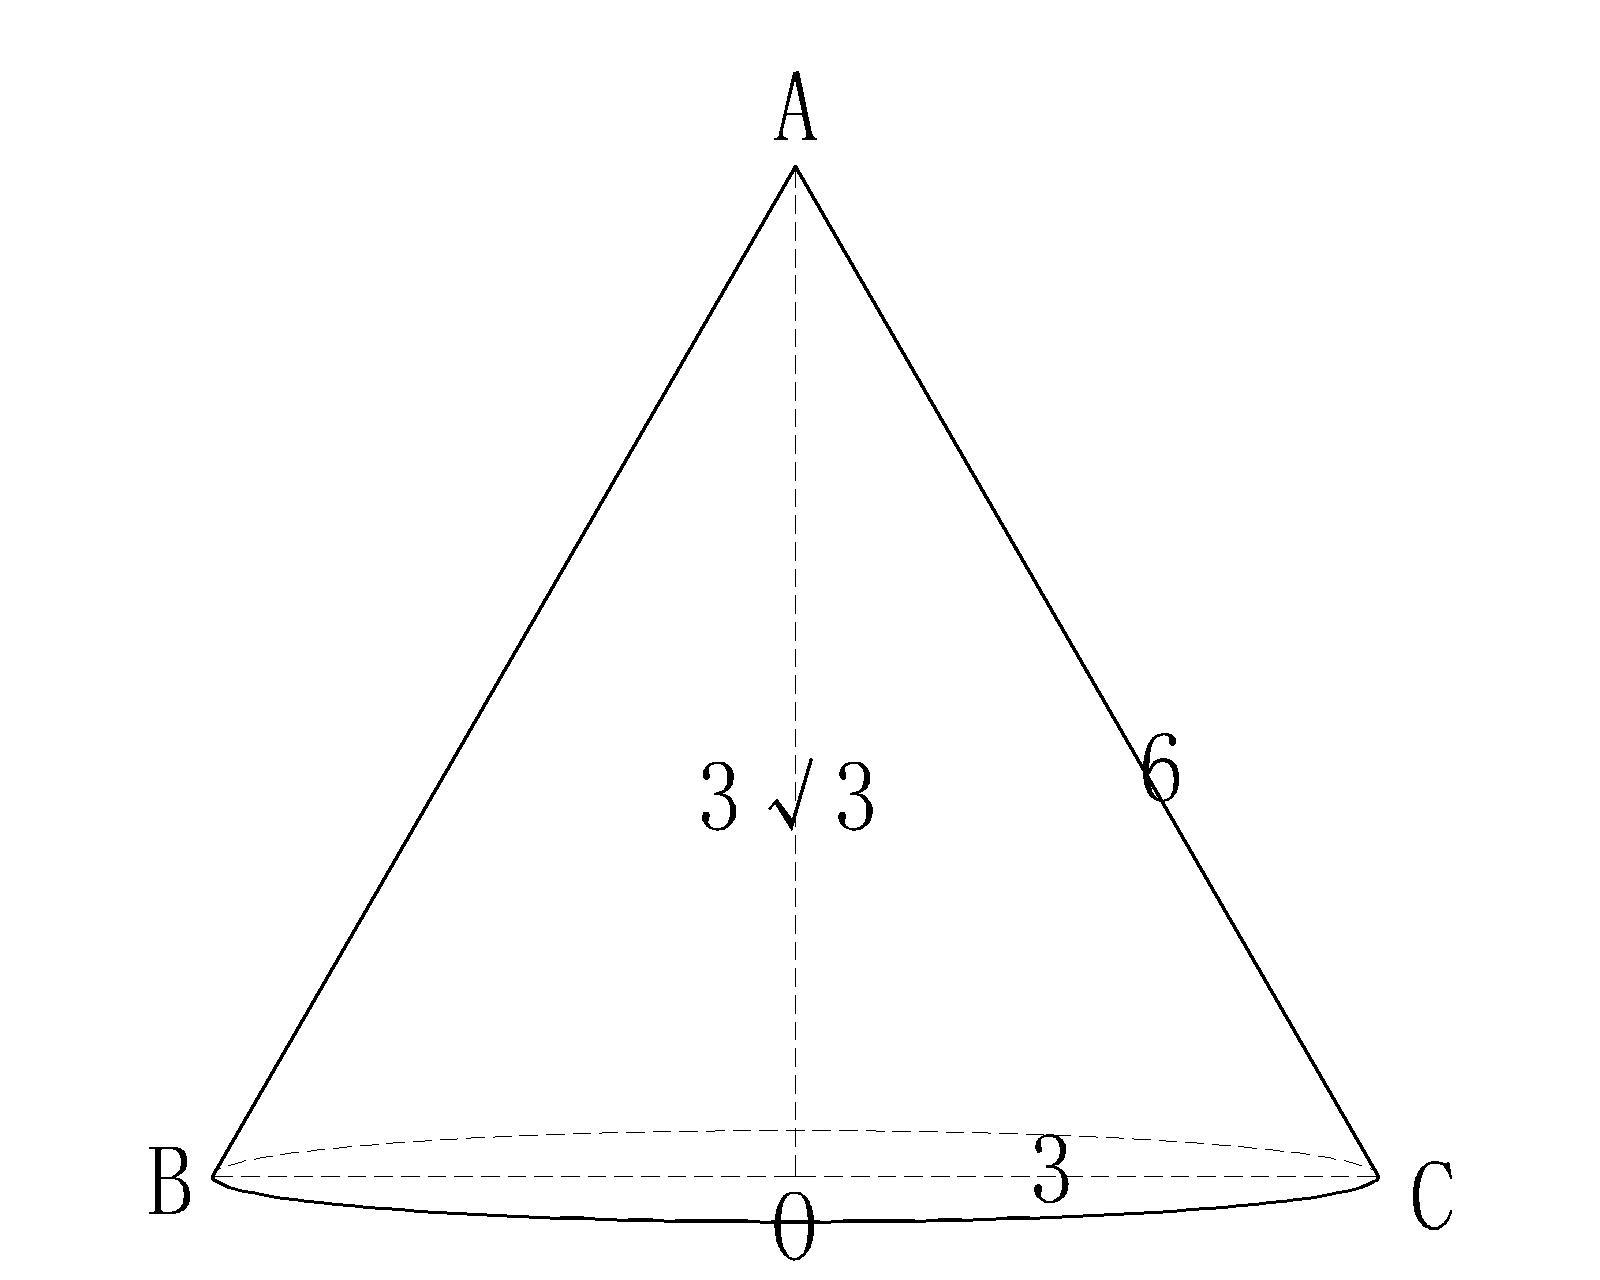 一个圆锥的高为3√3(3根号3),侧面展开图是半圆,求圆锥的全面积.